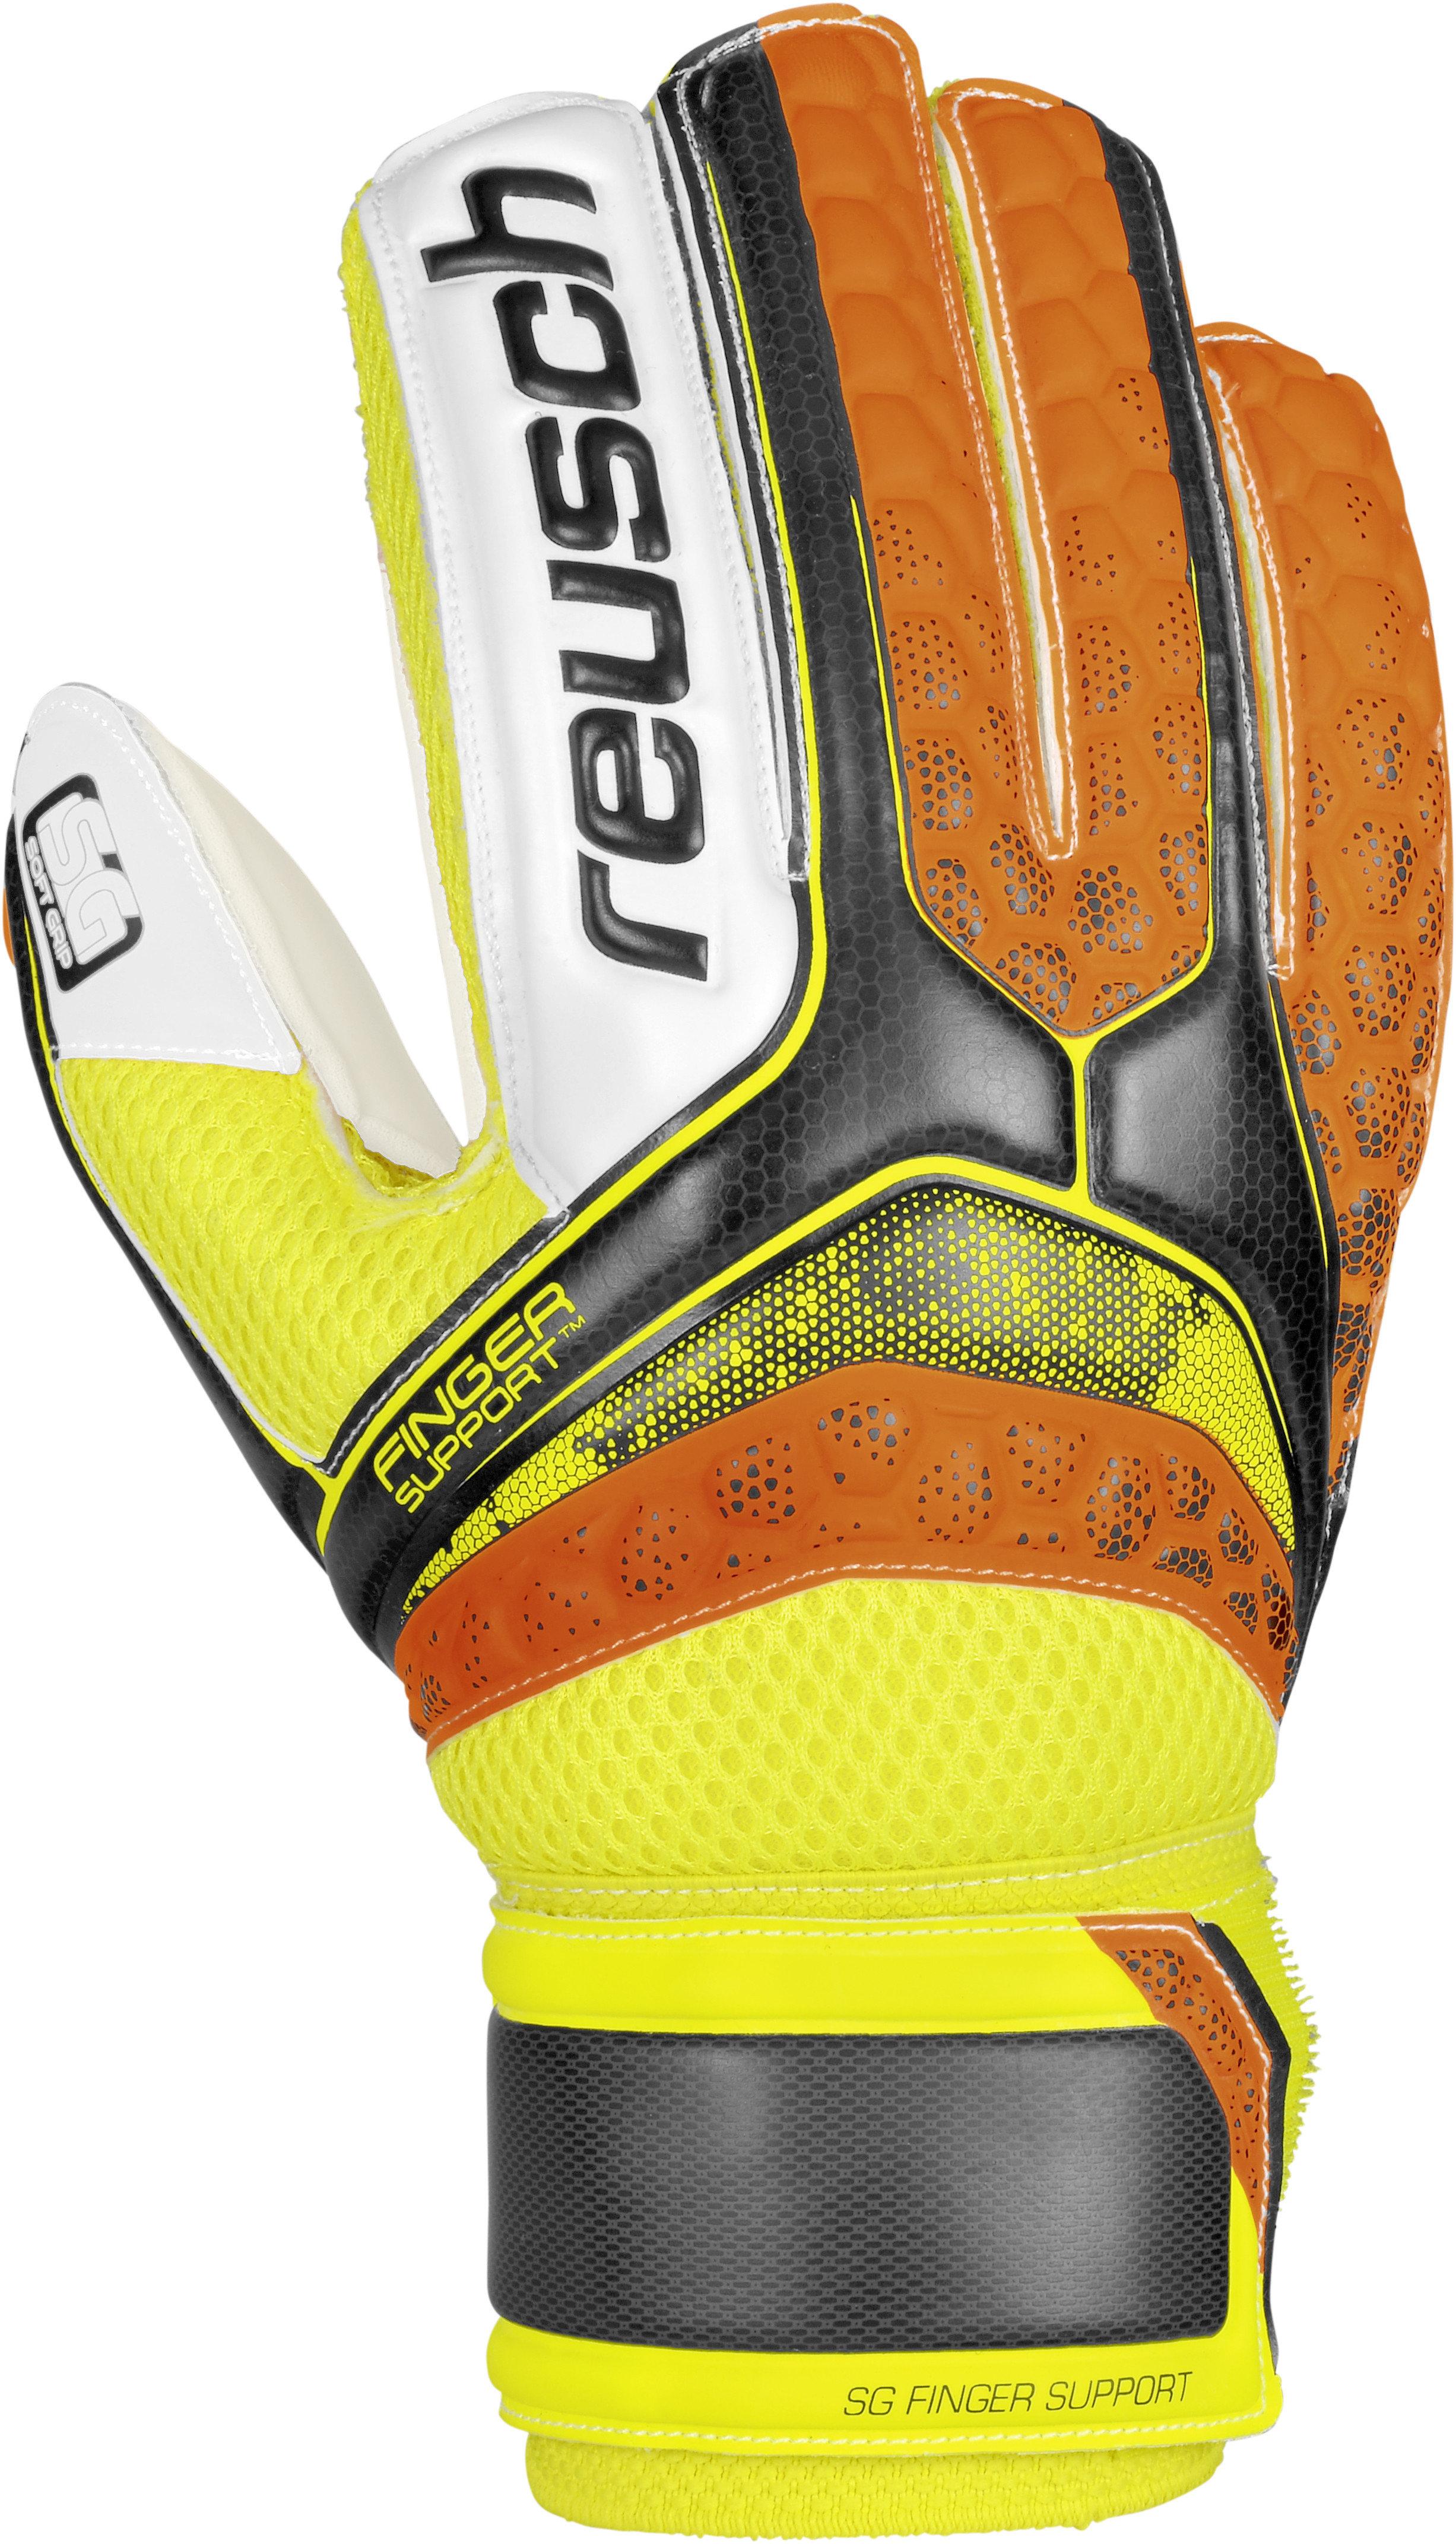 Reusch Re:pulse SG Finger Support Oranje/Zwart